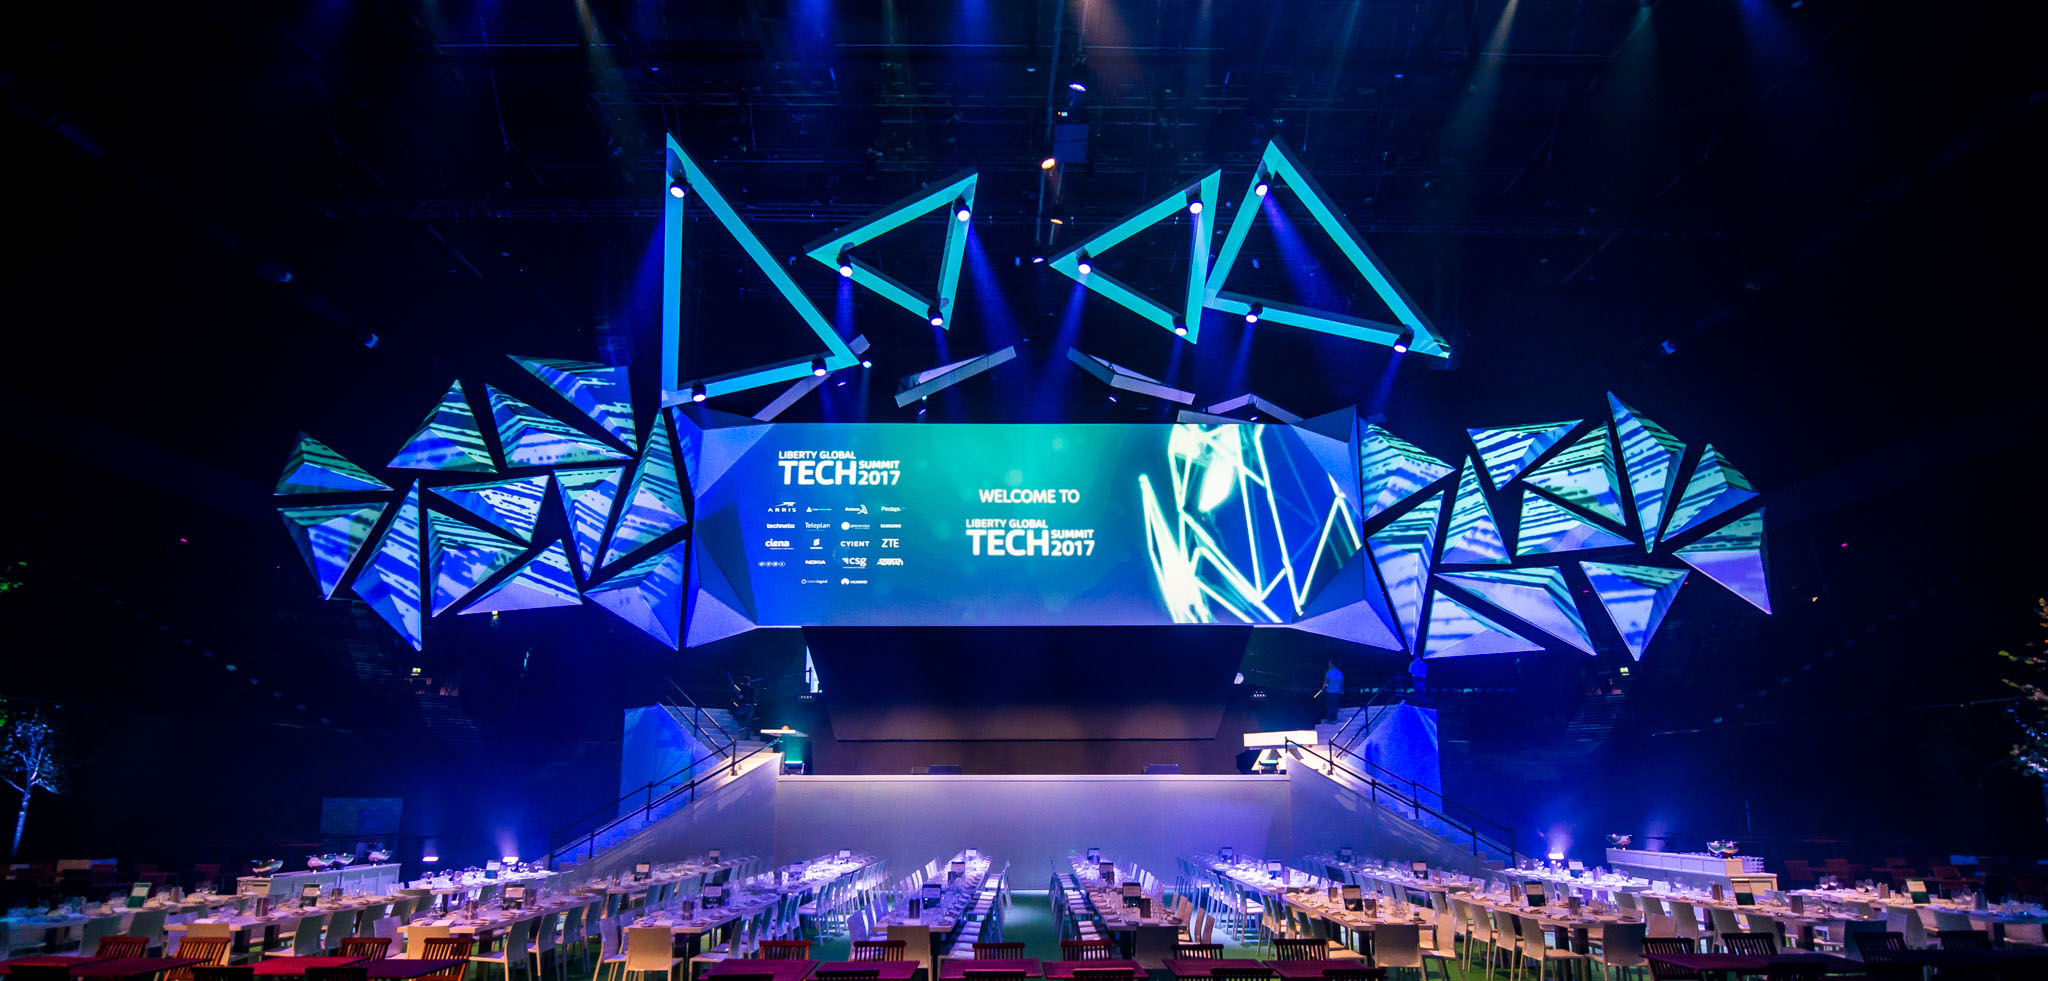 大型活动舞台设计效果图